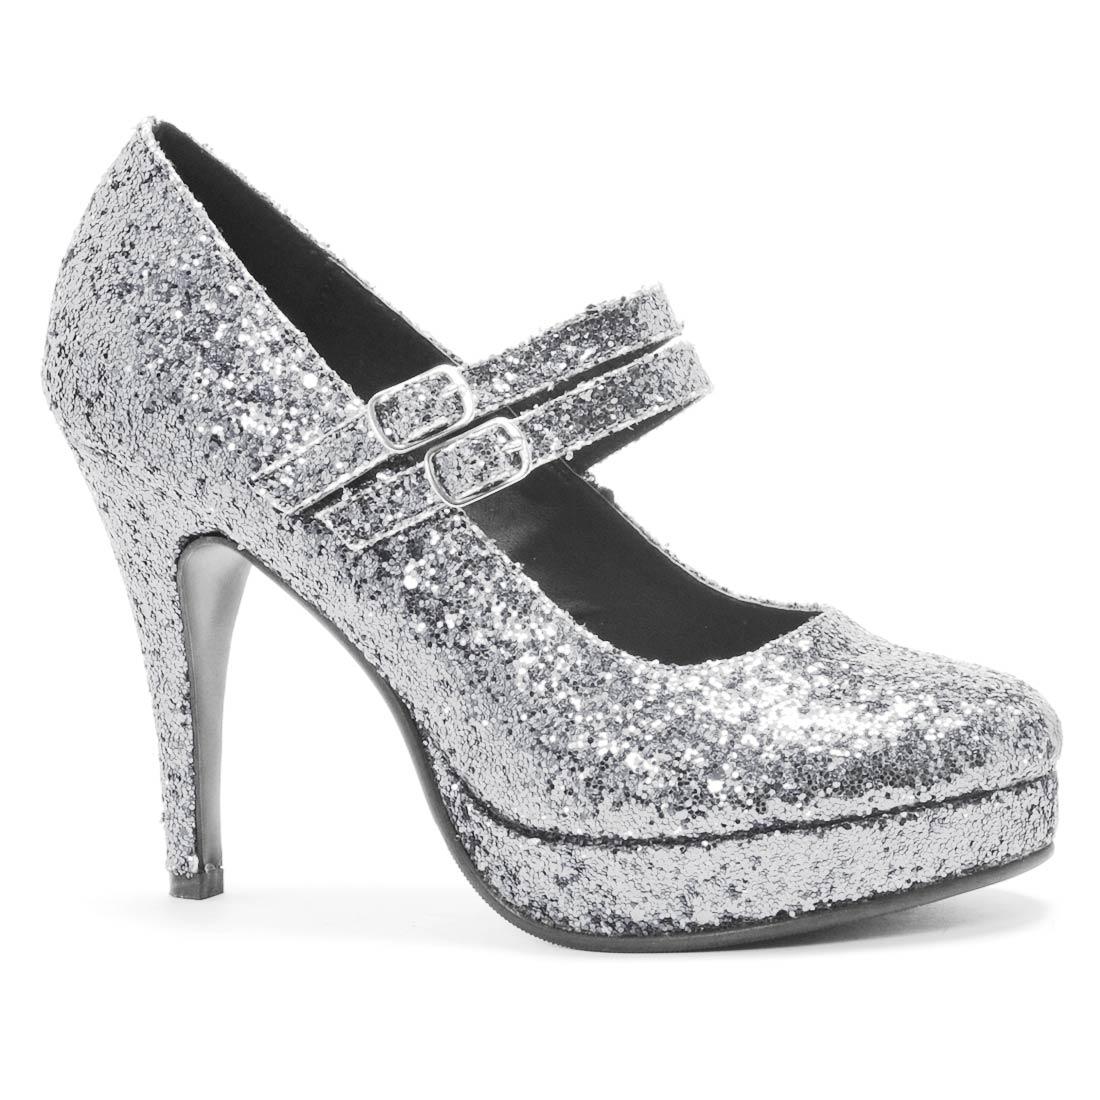 Zapatos plateados de noche ideas de calzado zapatos botas jpg 1100x1100  Zapatos para damas de honor 01675bc85aba